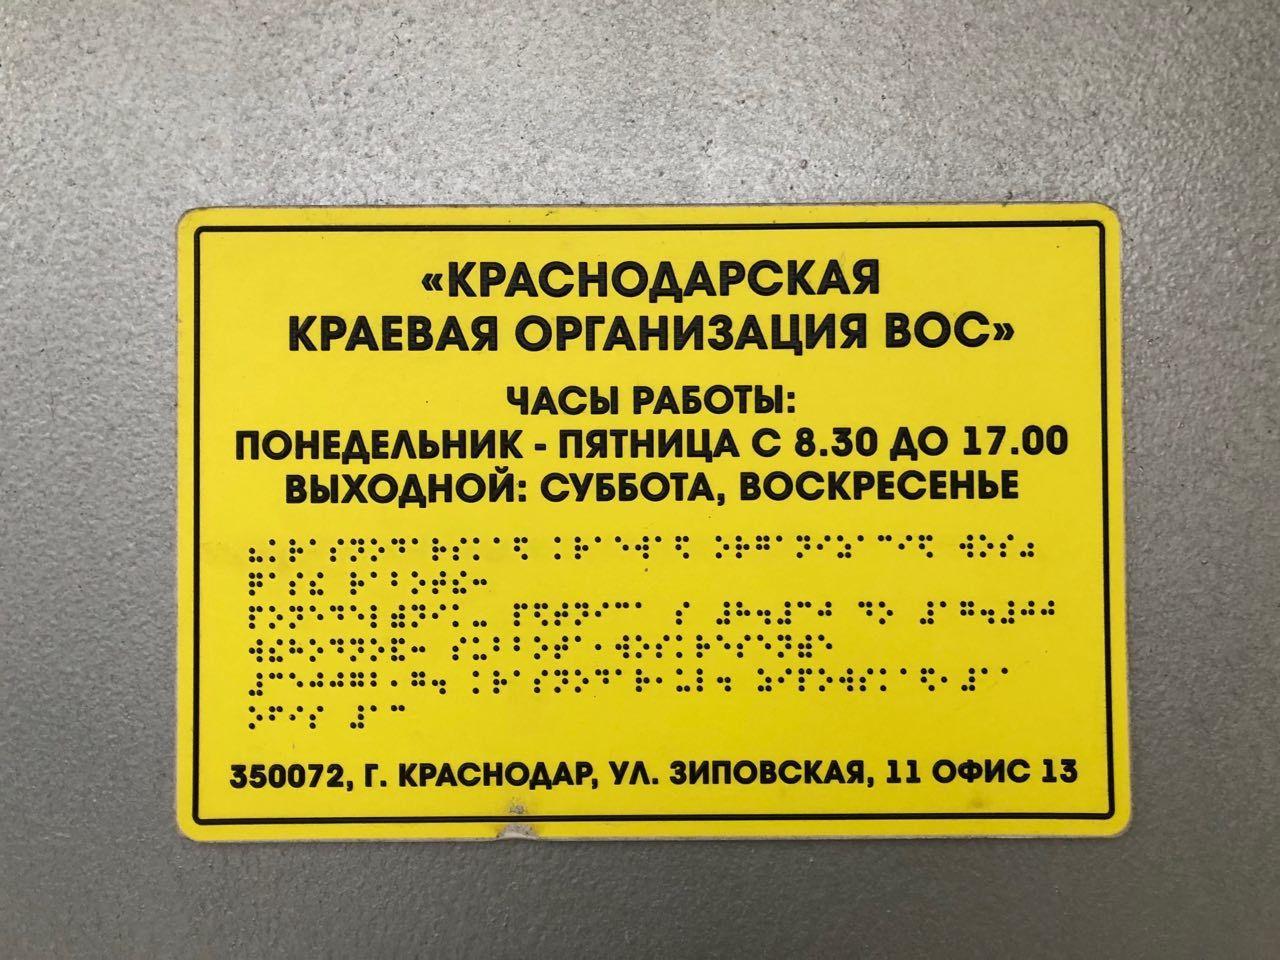 Шрифт Брайля на входе в отделение ВОС в Краснодаре ©Фото Юга.ру